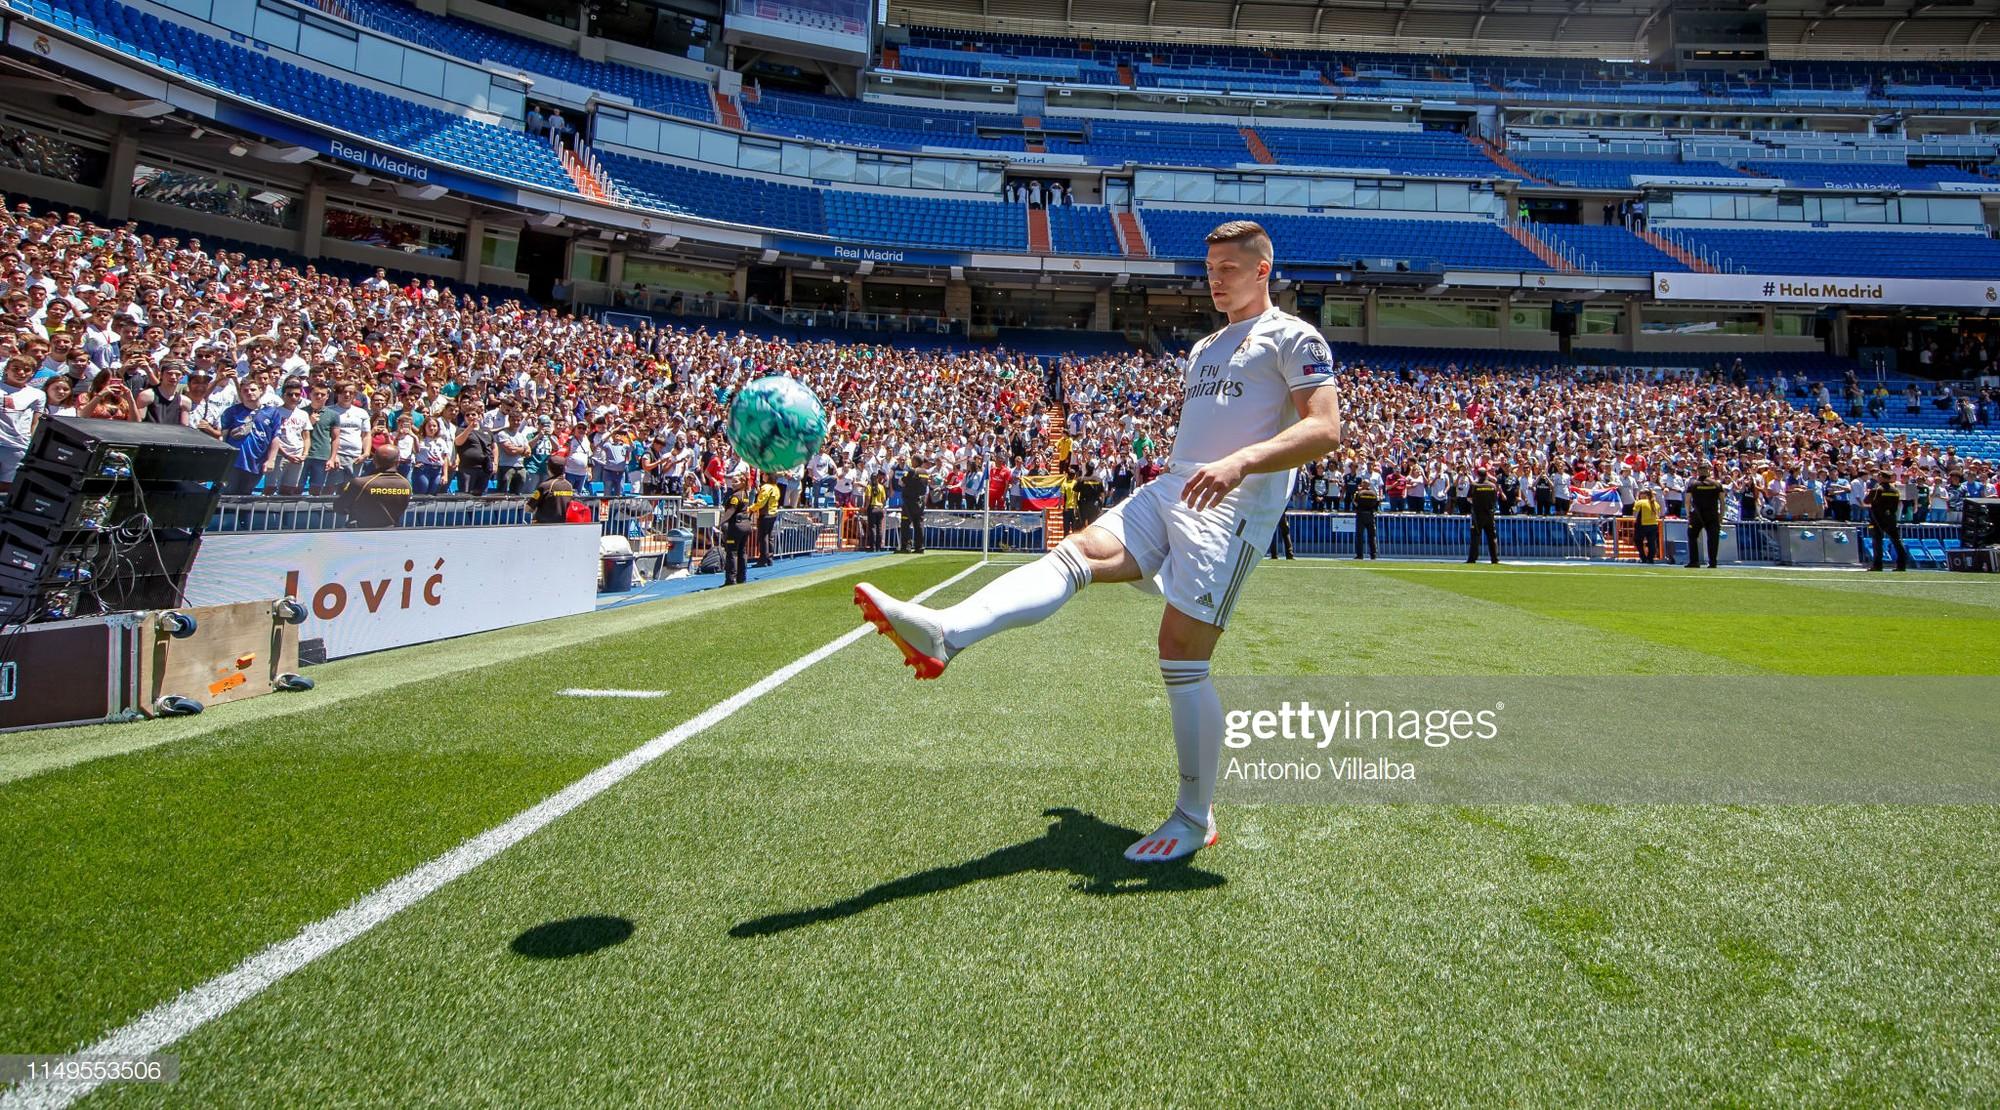 Tân binh siêu đẹp trai trị giá 1.600 tỷ VNĐ của Real Madrid ra mắt khán giả với khuôn mặt lạnh như tiền - Ảnh 3.